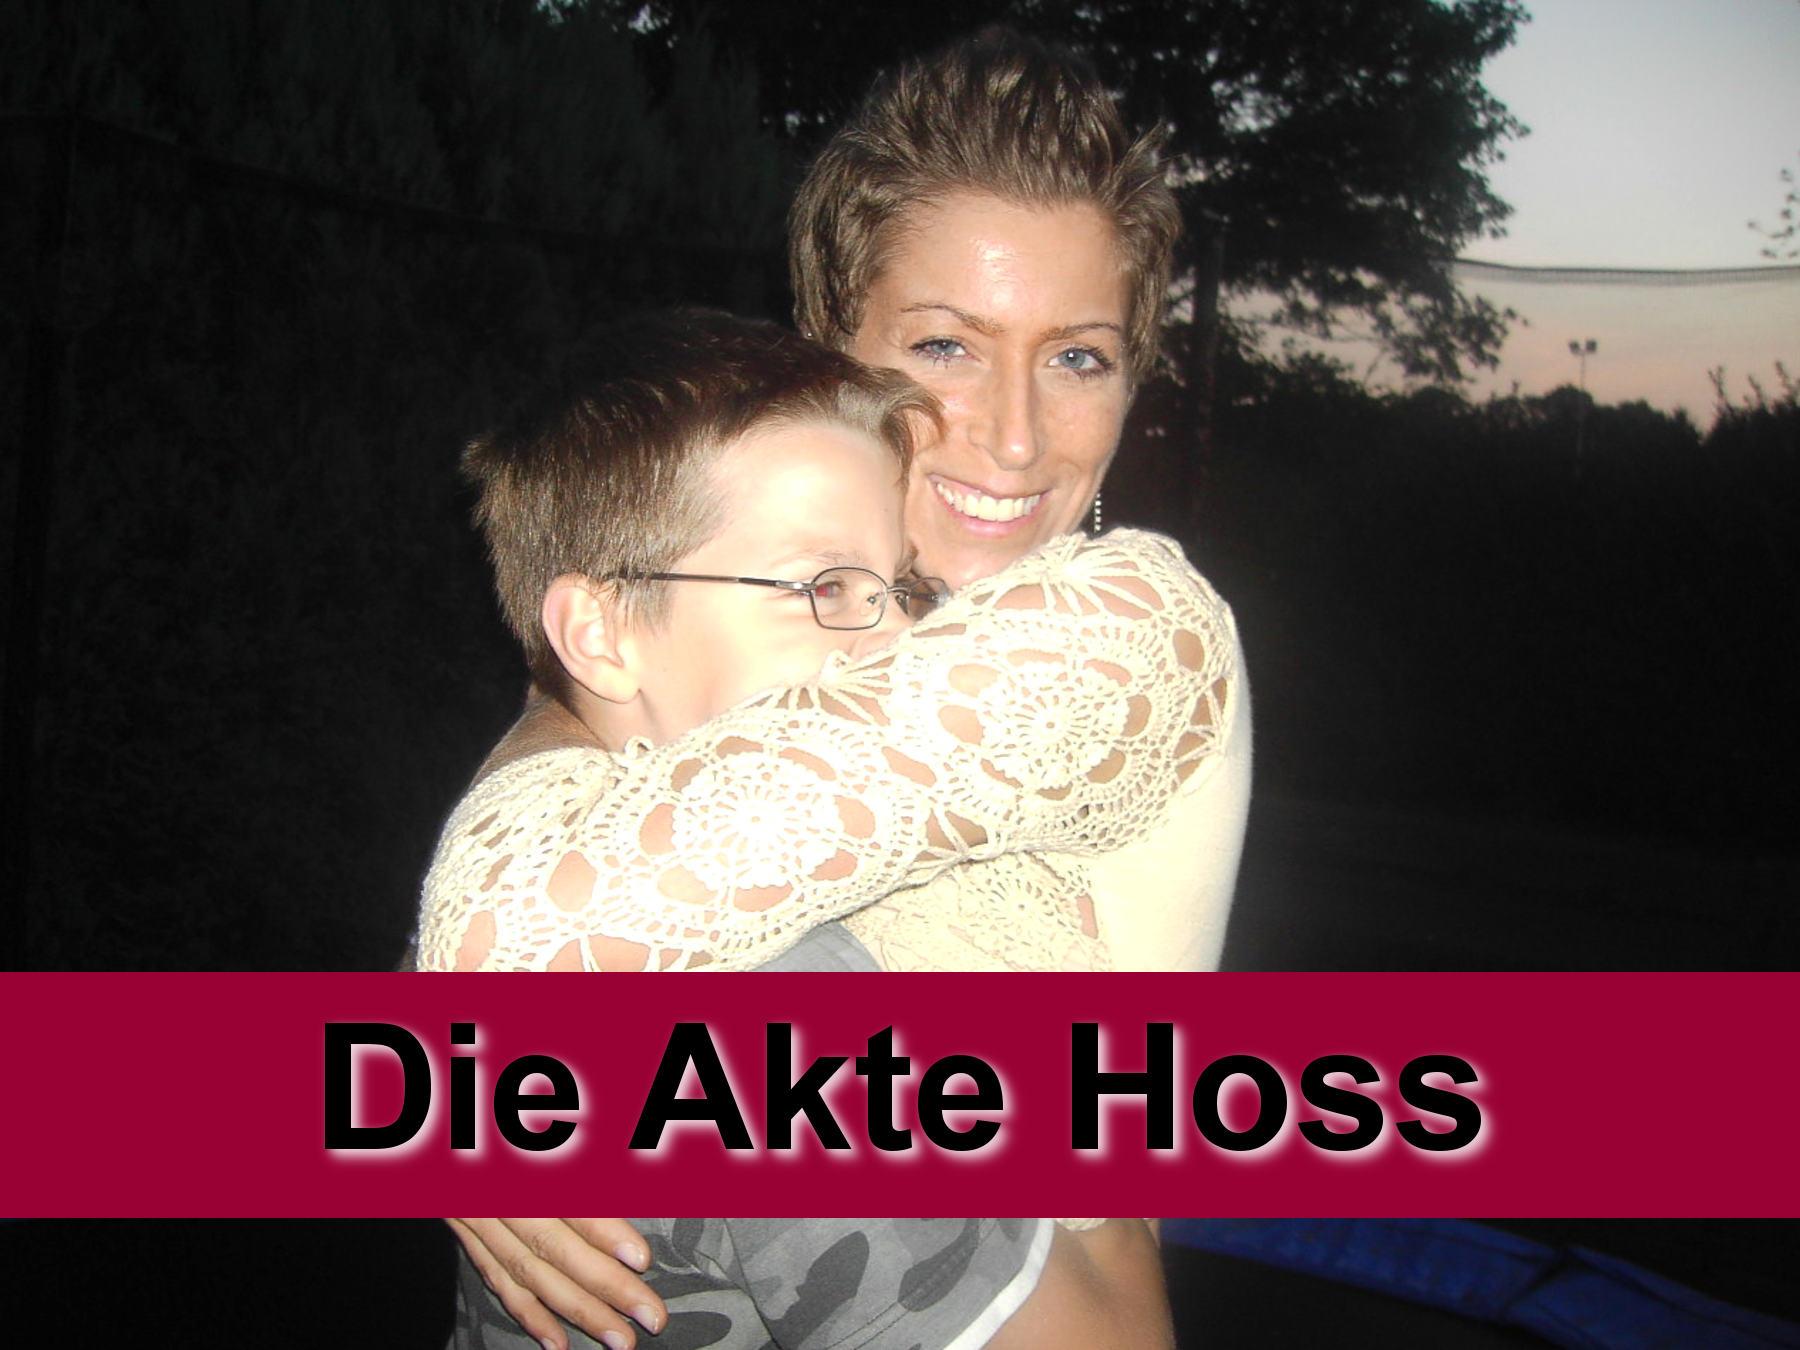 Mutter Sabine Tebruck und ihr Sohn nach der Rückholzung des Kindes